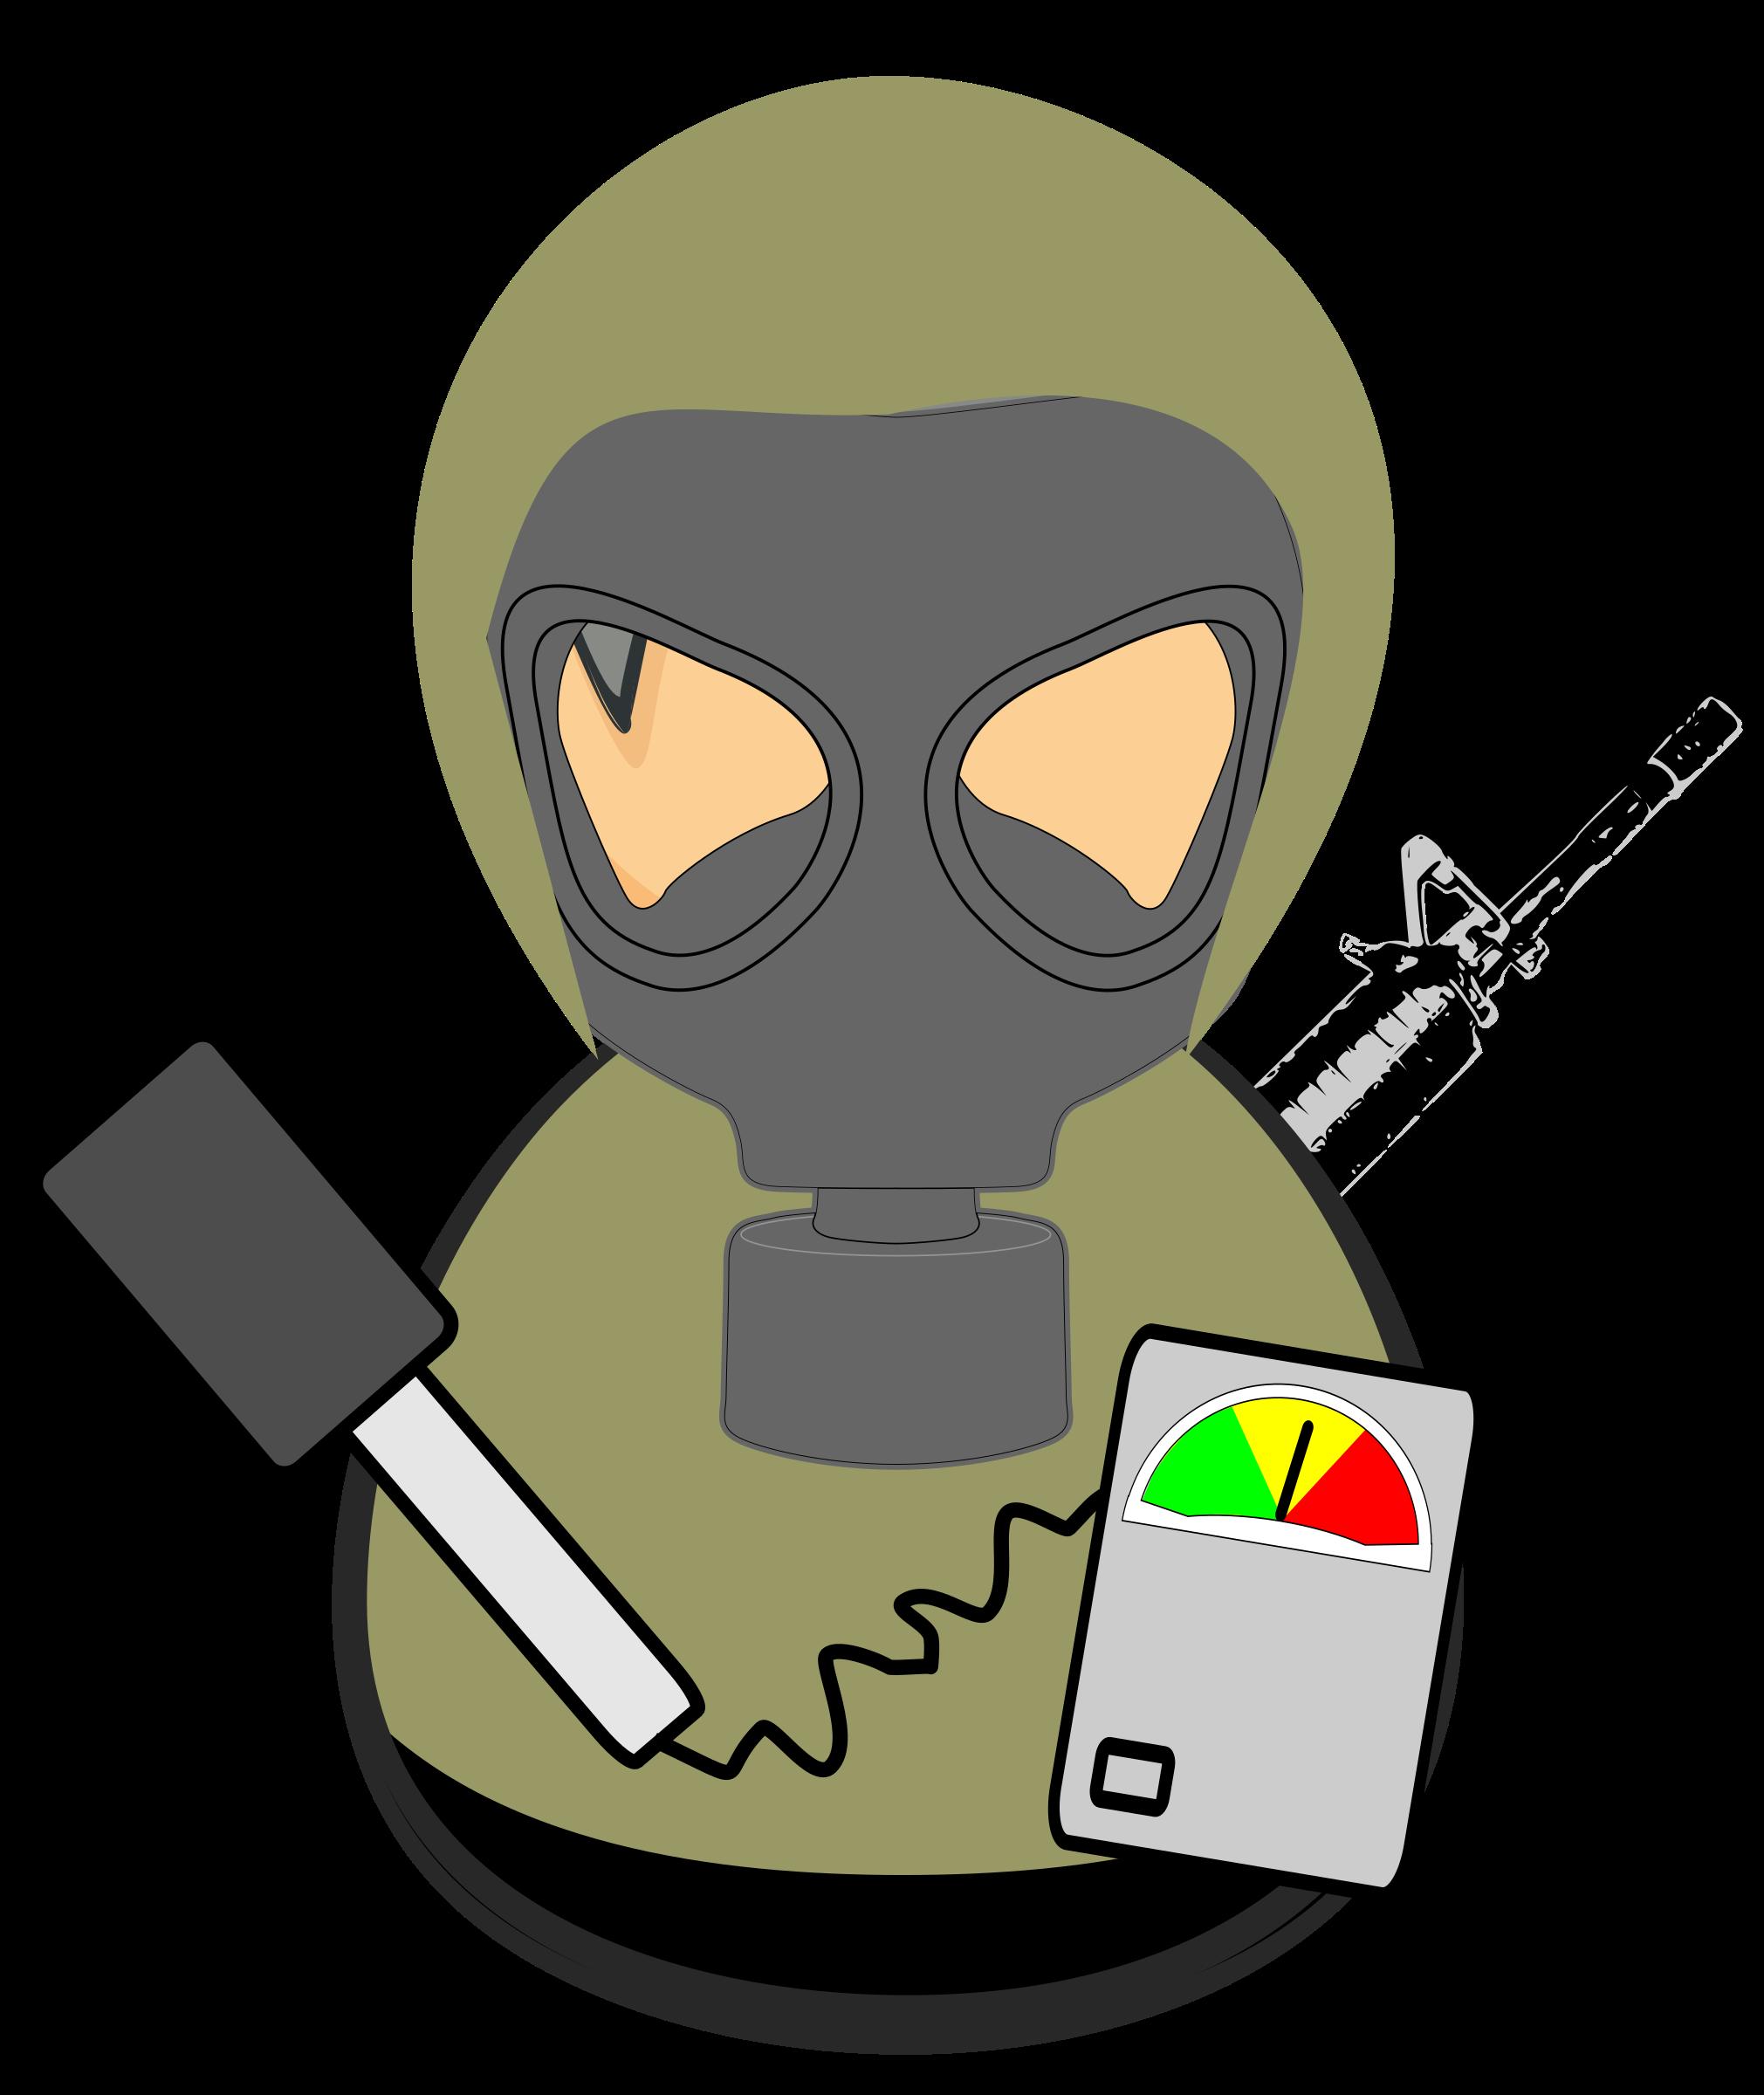 Hazmat Military Worker vector clipart image.